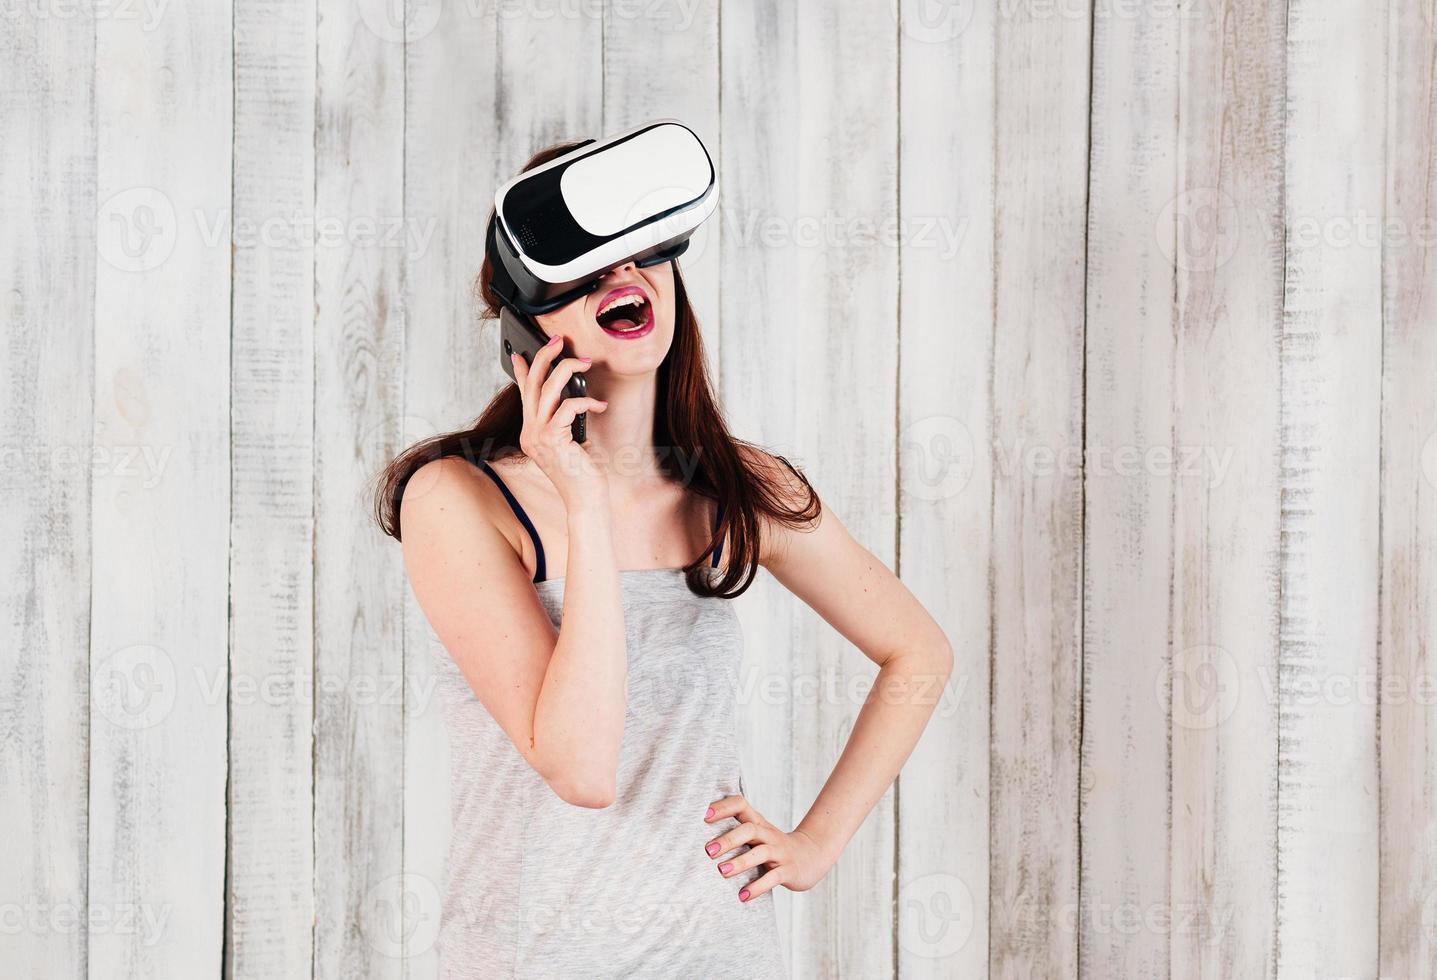 jolie fille portant des lunettes vr, parlant par téléphone portable photo